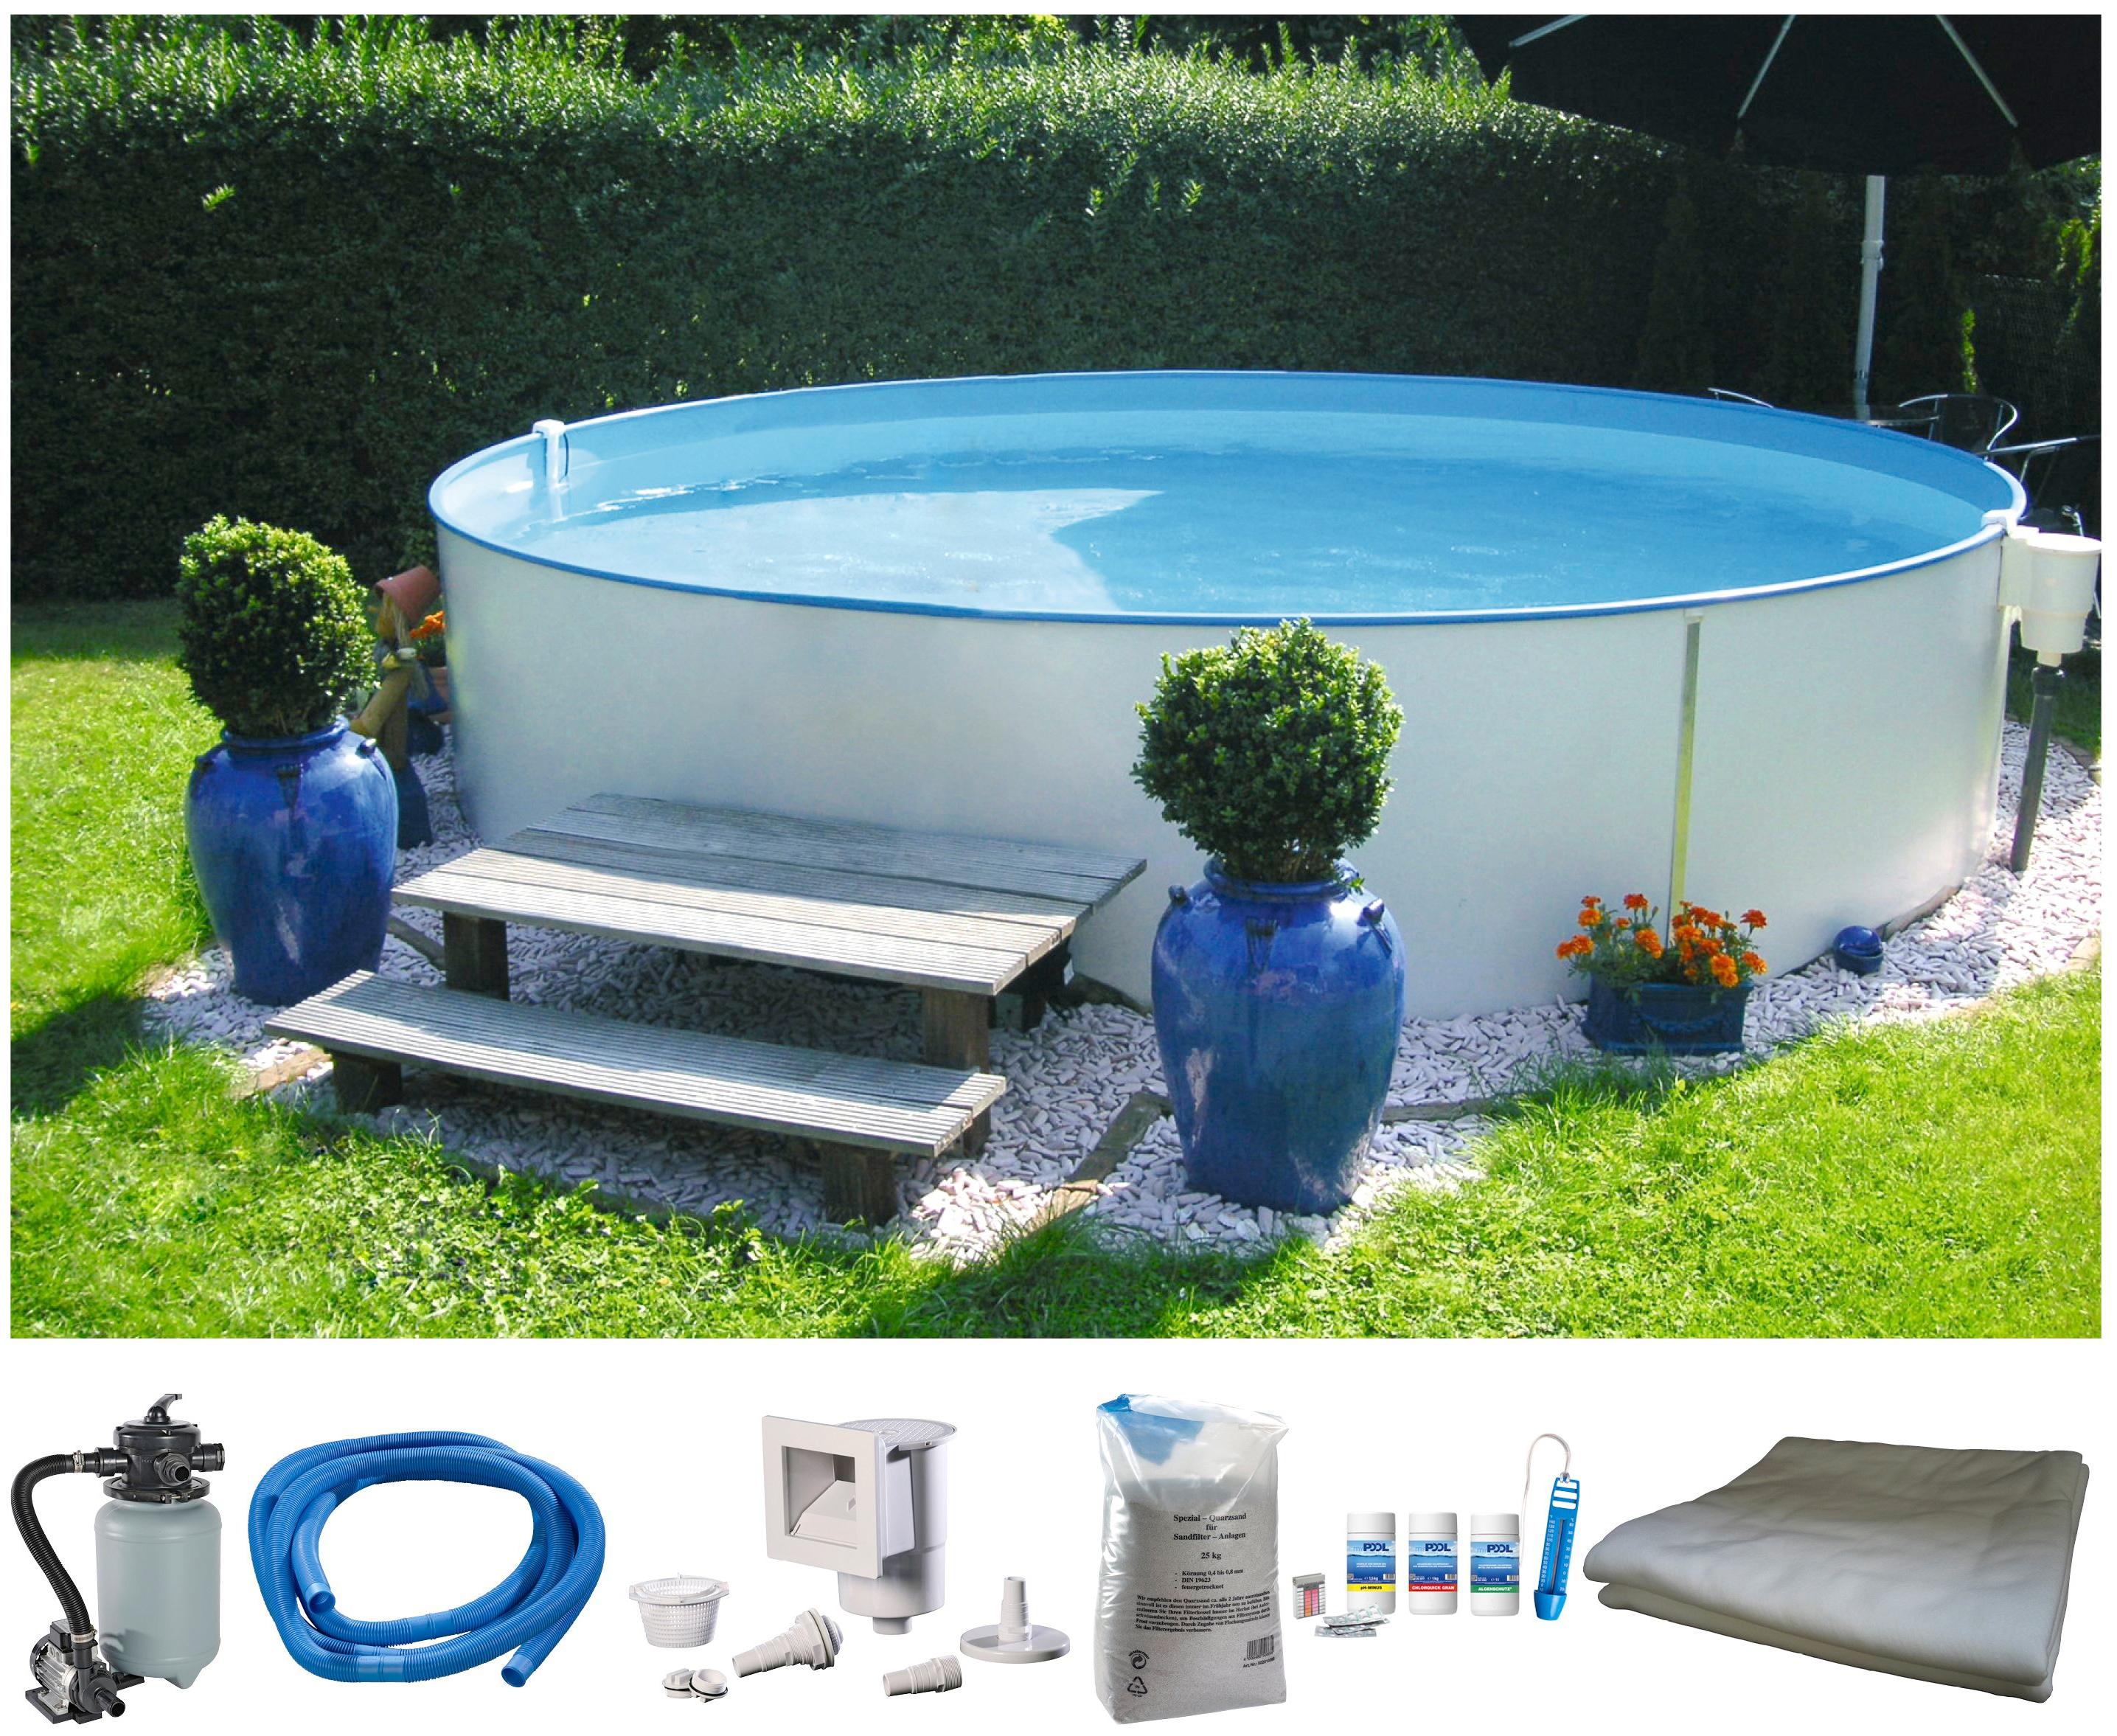 MYPOOL Komplett-Set: Rundpool »Premium«, 6-tlg., in verschiedenen Größen | Garten > Swimmingpools > Schwimmbecken | Weiß | MYPOOL